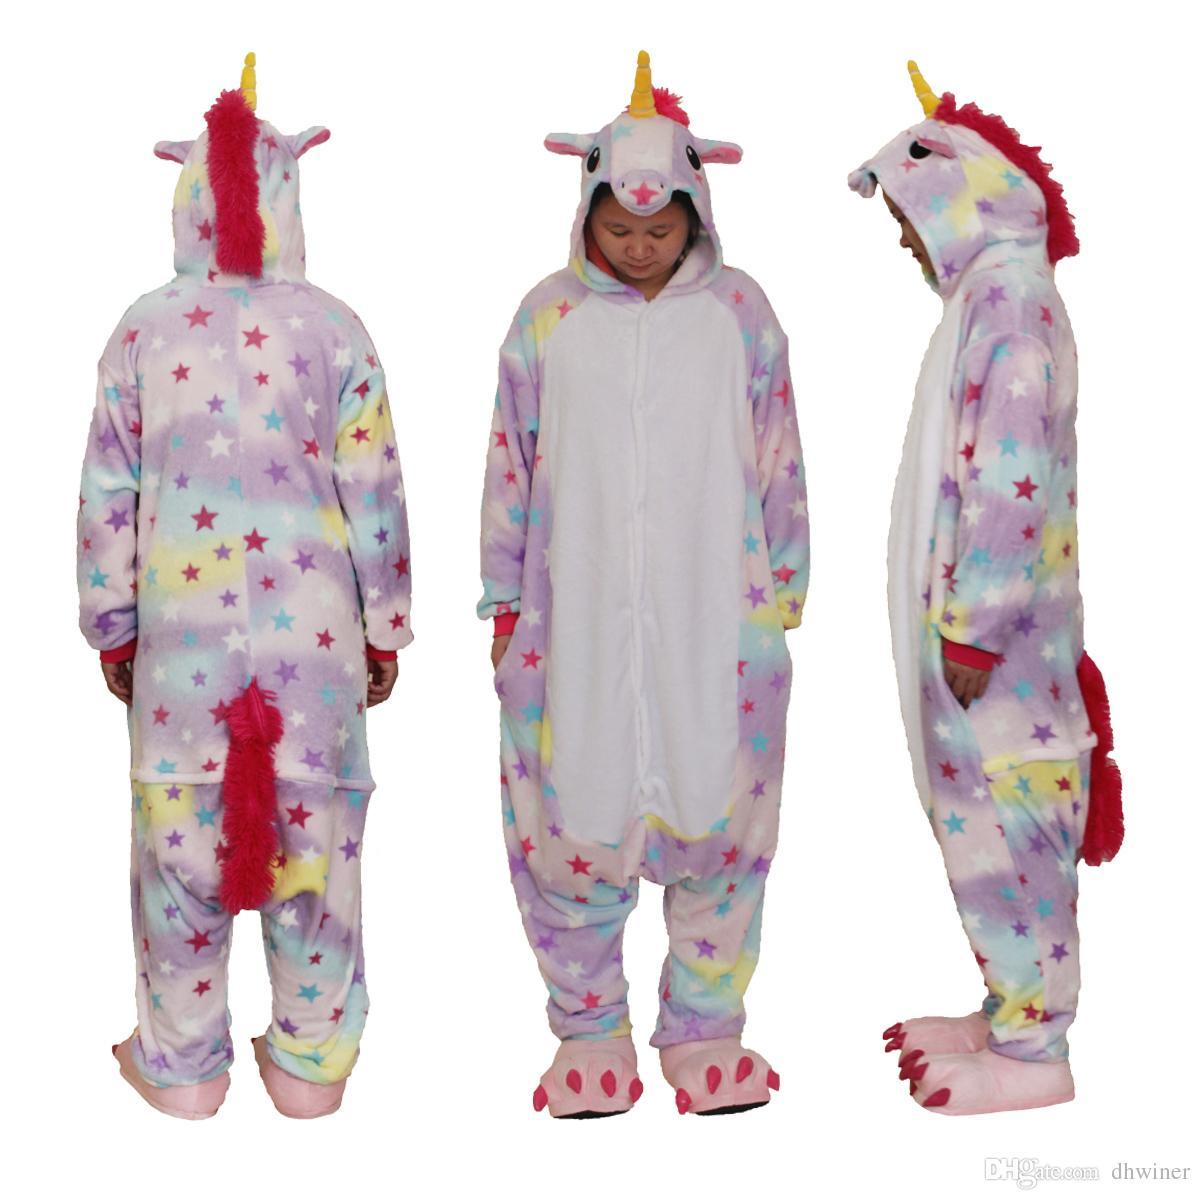 c7e090b860 Adult Animal Onesie Pajamas Cosplay Costume Unisex One Piece Kigurumi  Pajamas Unicorn Toddler Halloween Costumes Scary Halloween Costumes From  Dhwiner